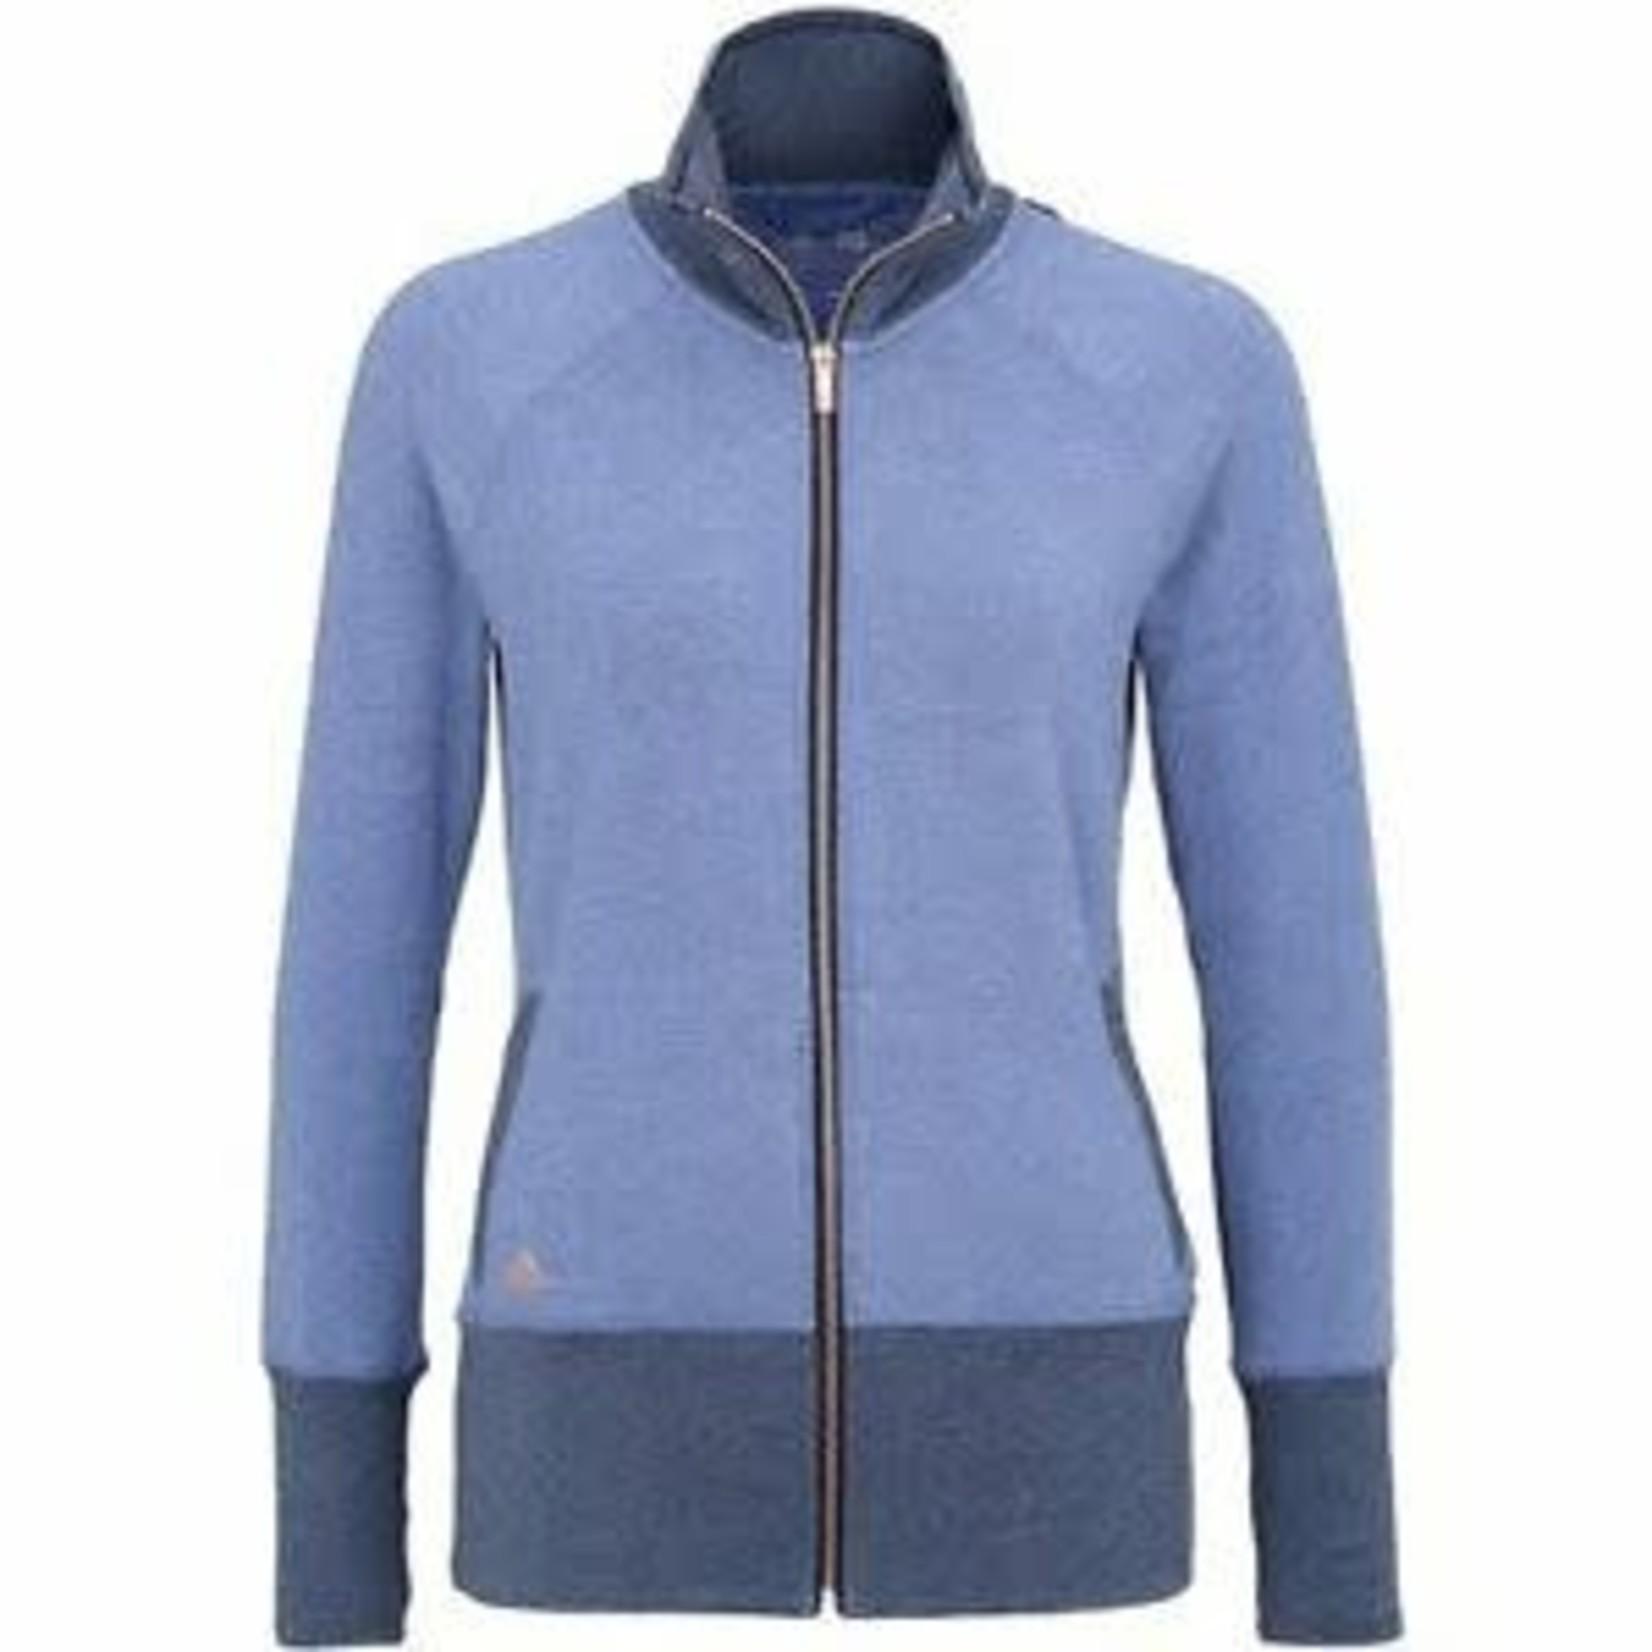 Adidas Adidas W Rib-Knit Jkt blue L